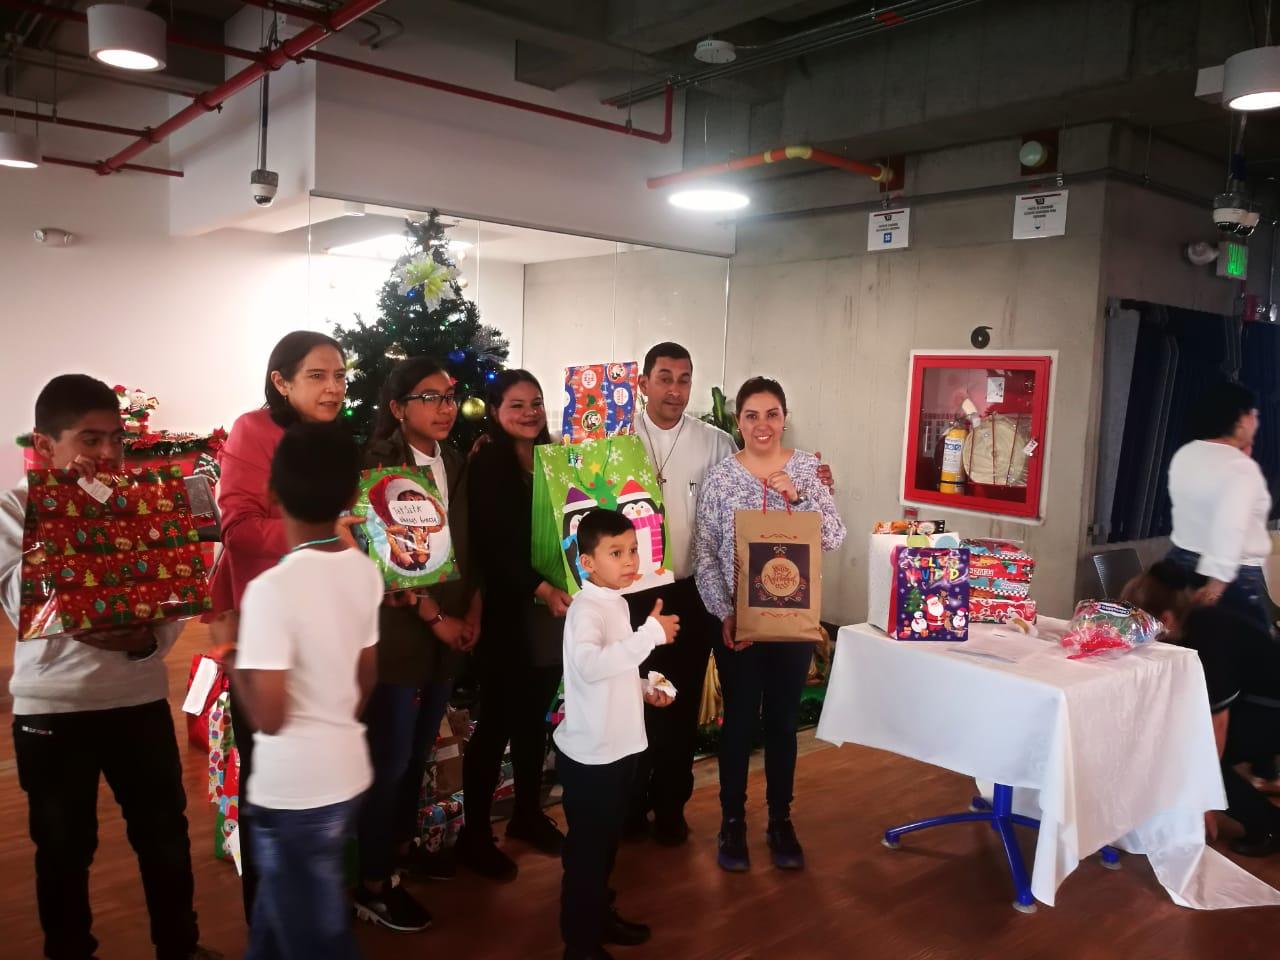 La empresa Super Vigilancia y Seguridad unidos esta navidad con la Fundación Fer El Buen Samaritano.